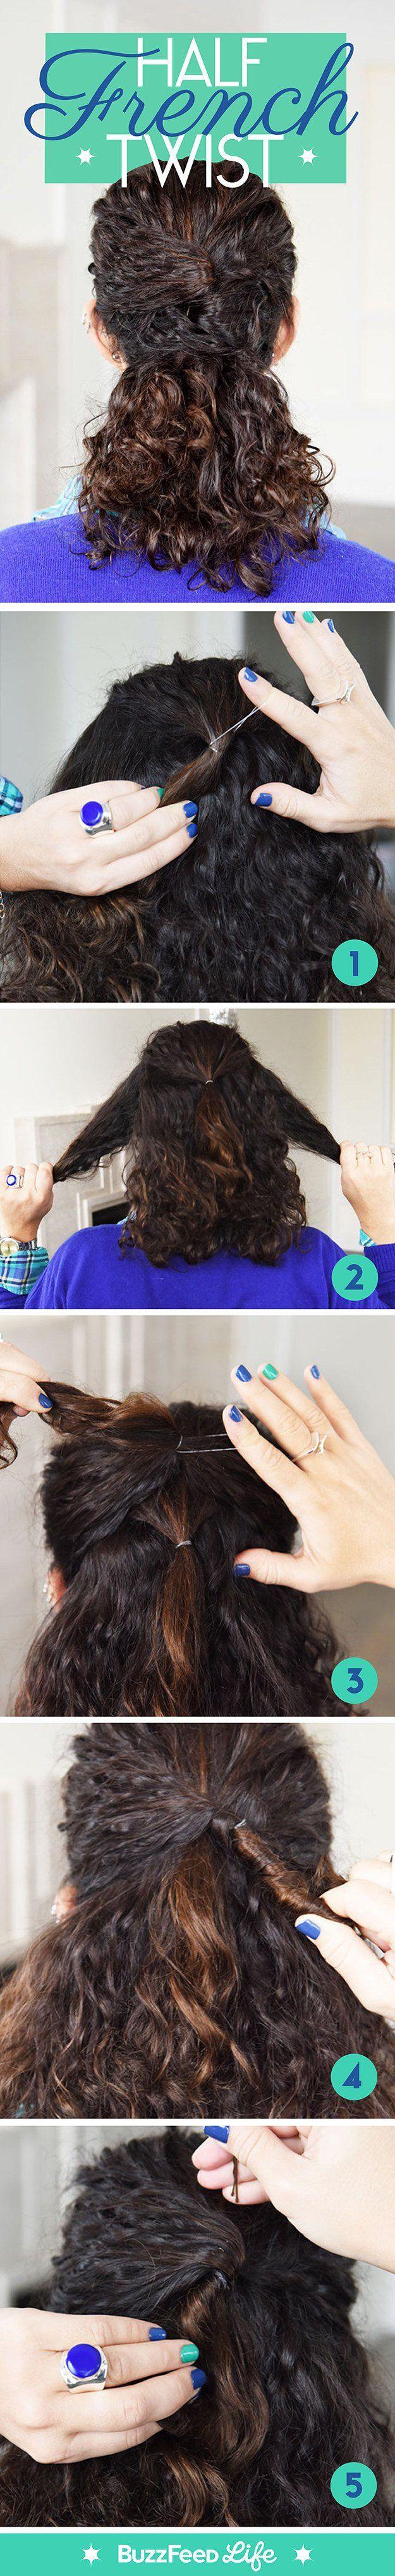 penteados-cabelo cacheado (10)